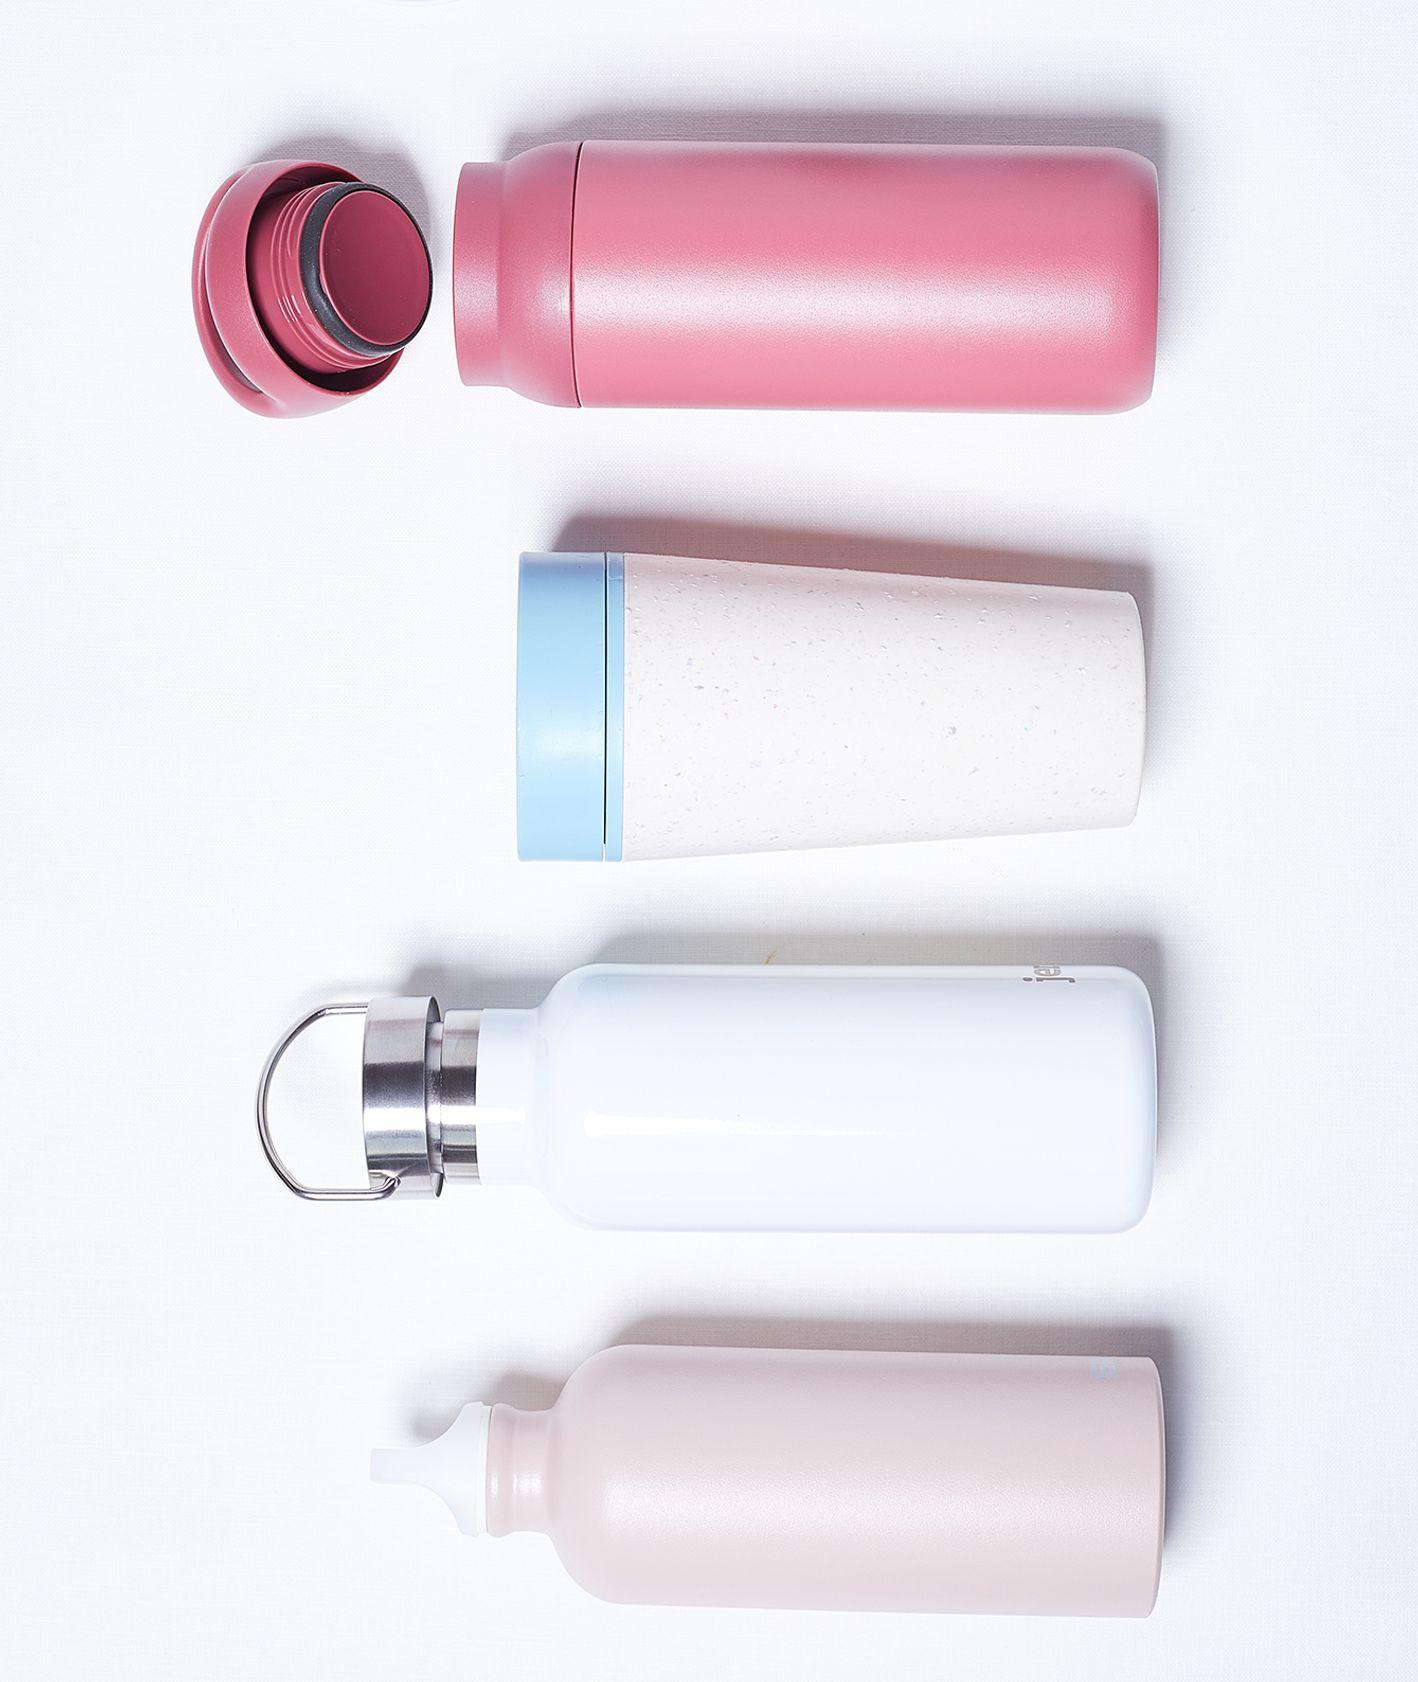 Różne rodzaje pojemników na napoje - zero waste (fot. Niemojewski)